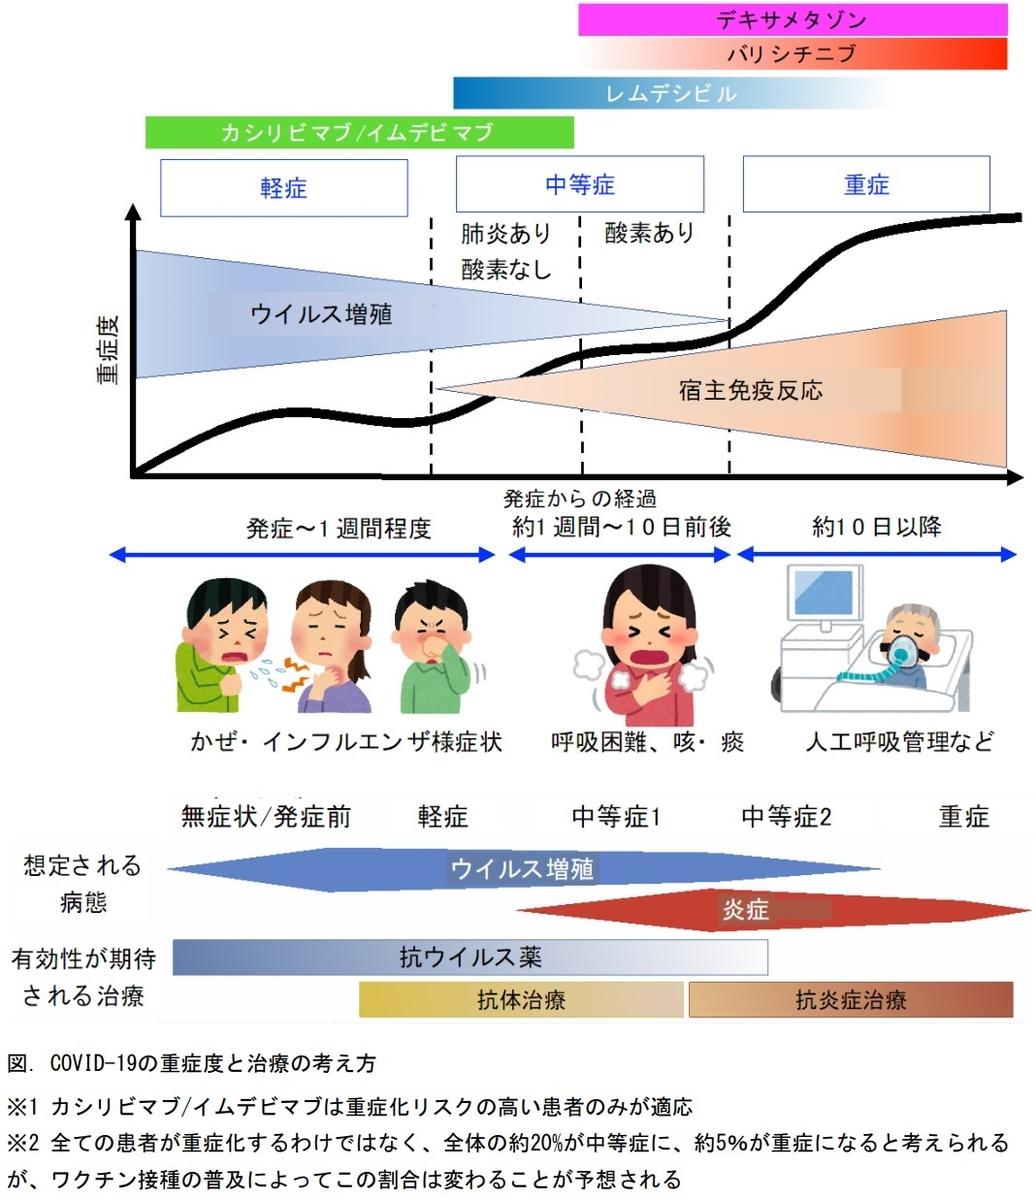 f:id:p_kun:20210828220042j:plain